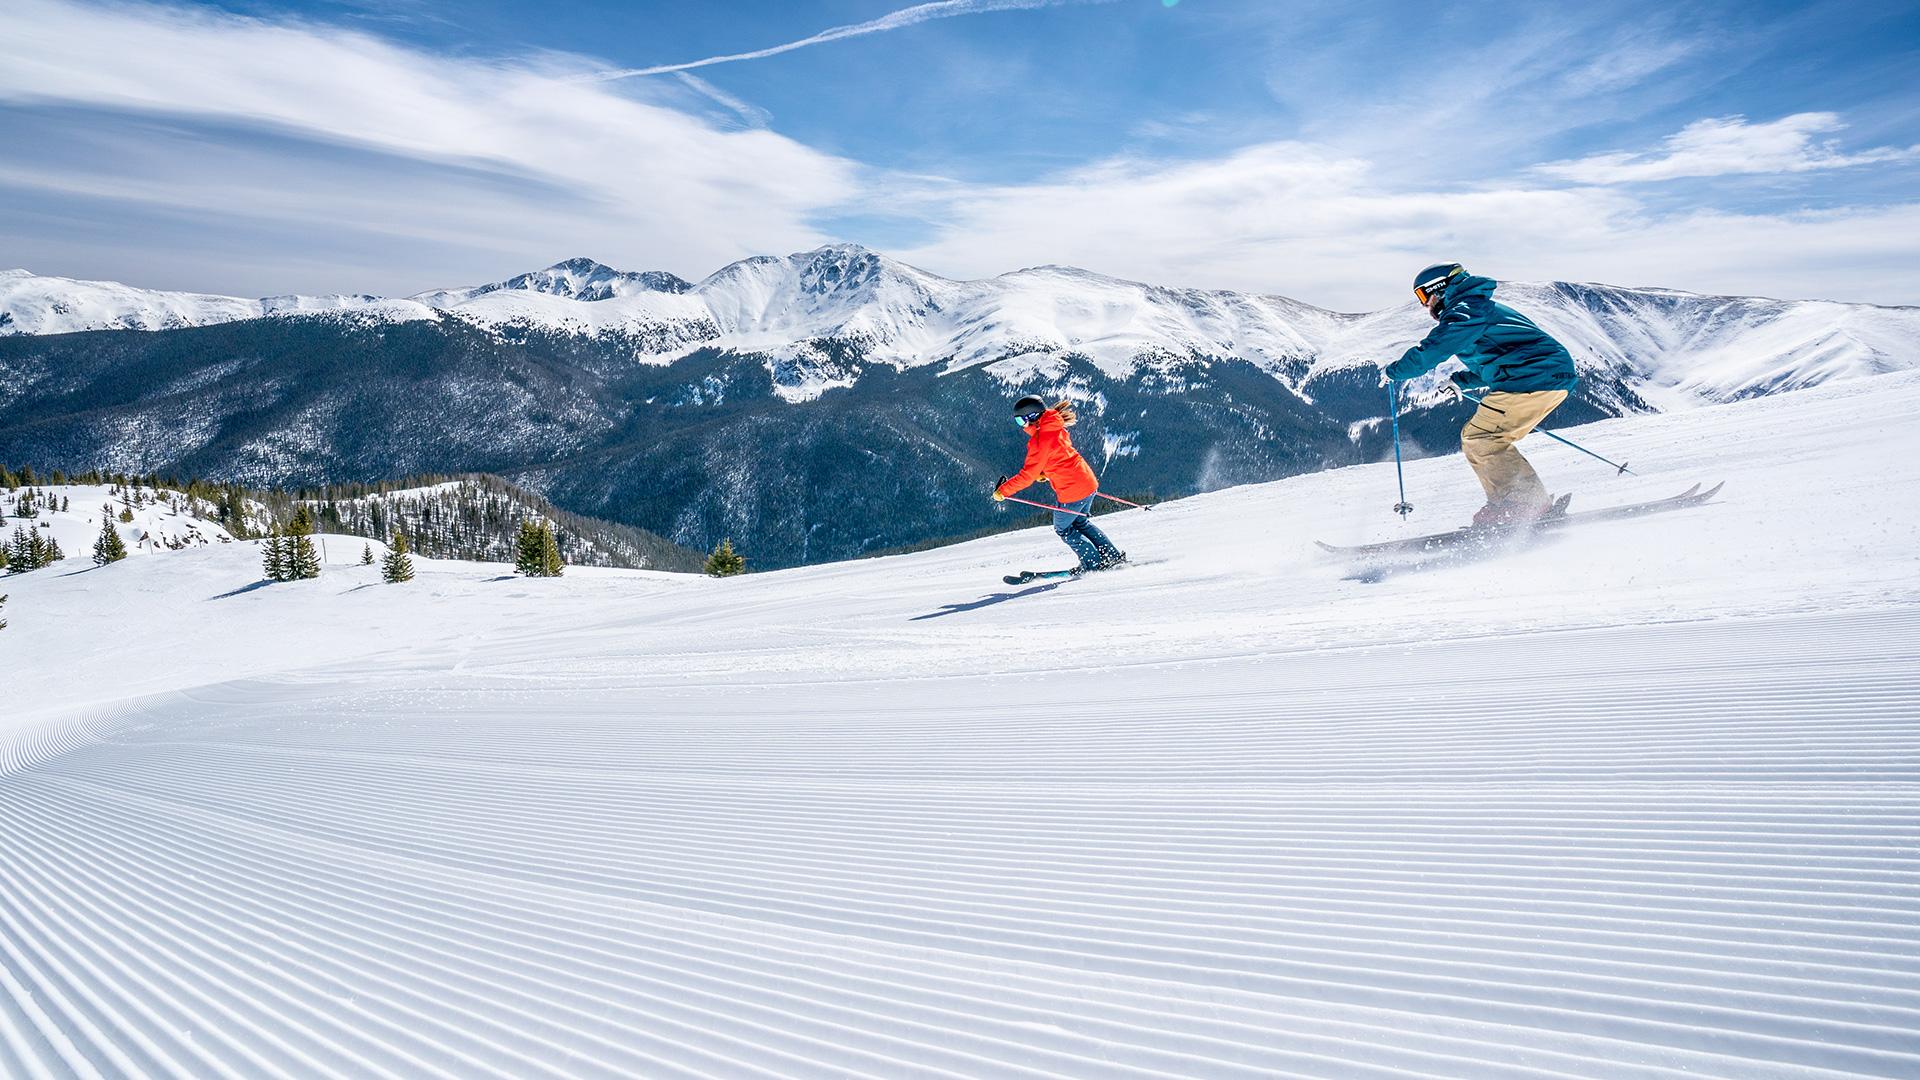 Esquí en Norteamérica: 3 destinos que te fascinarán